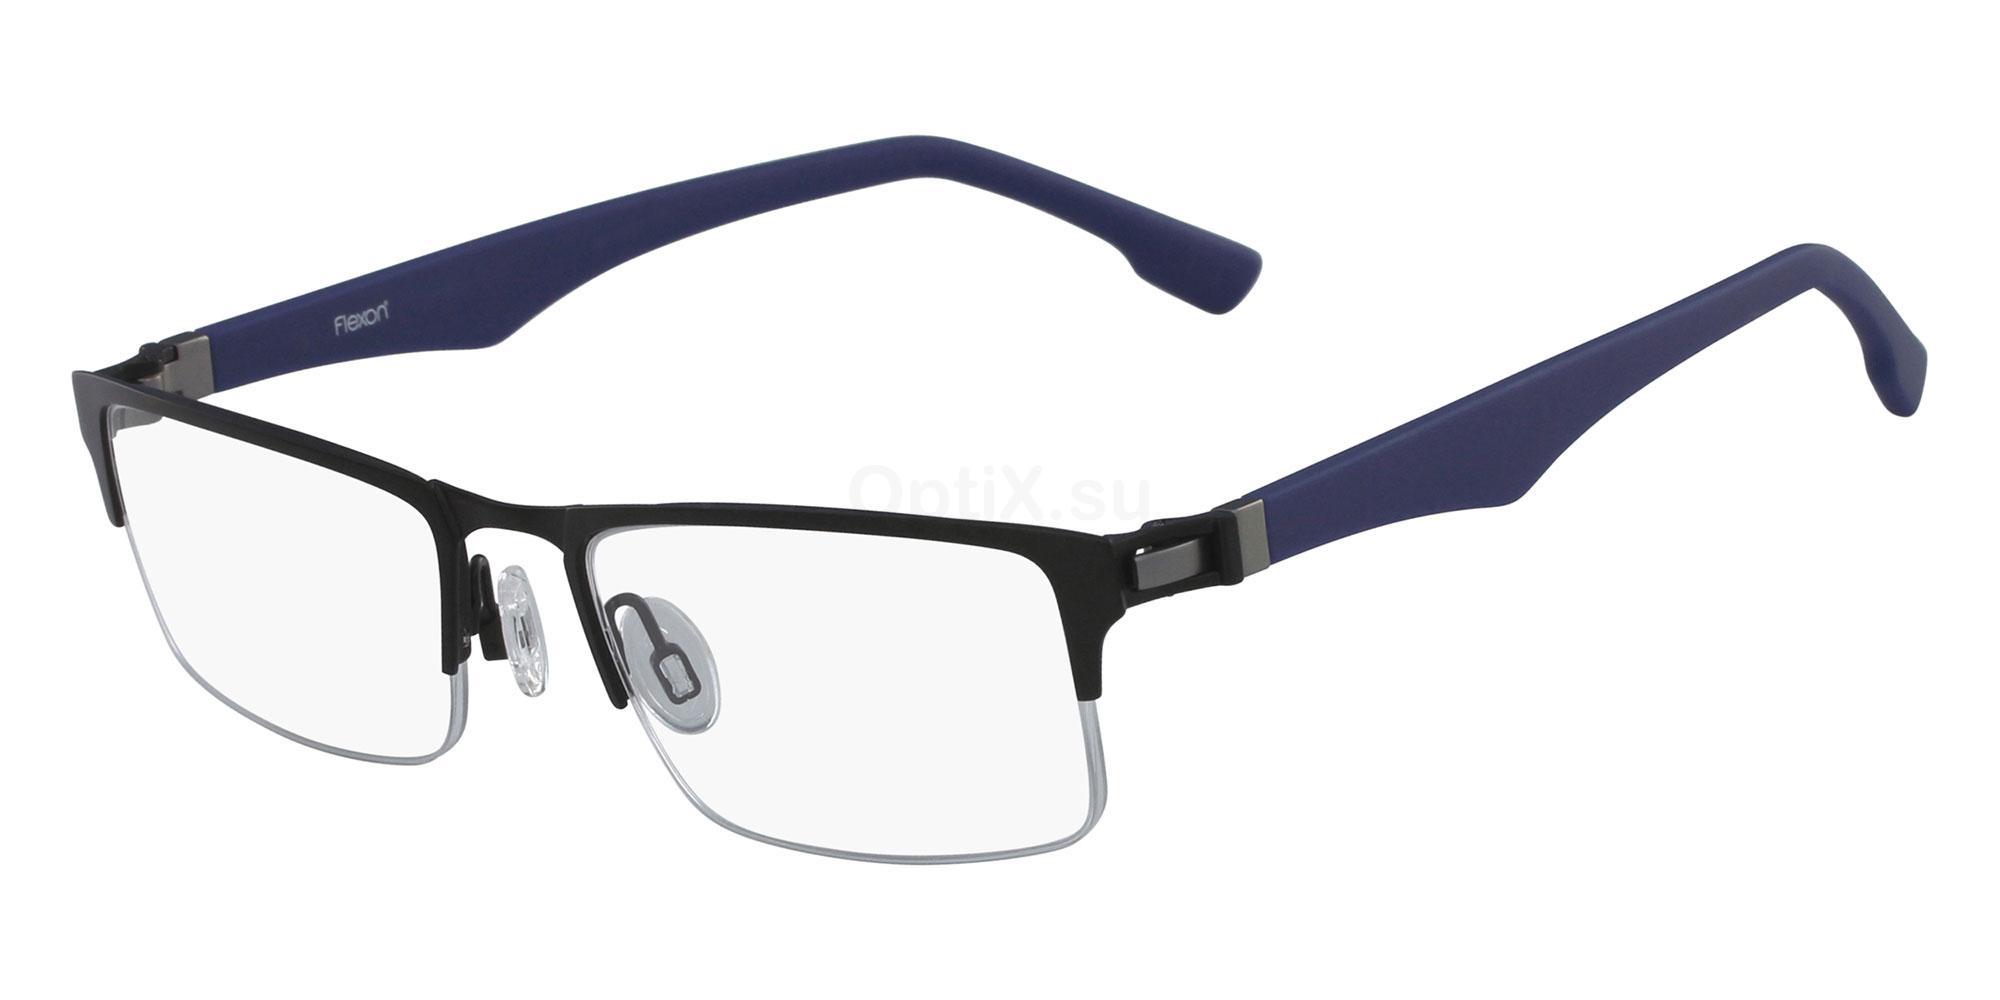 001 FLEXON E1070 Glasses, Flexon